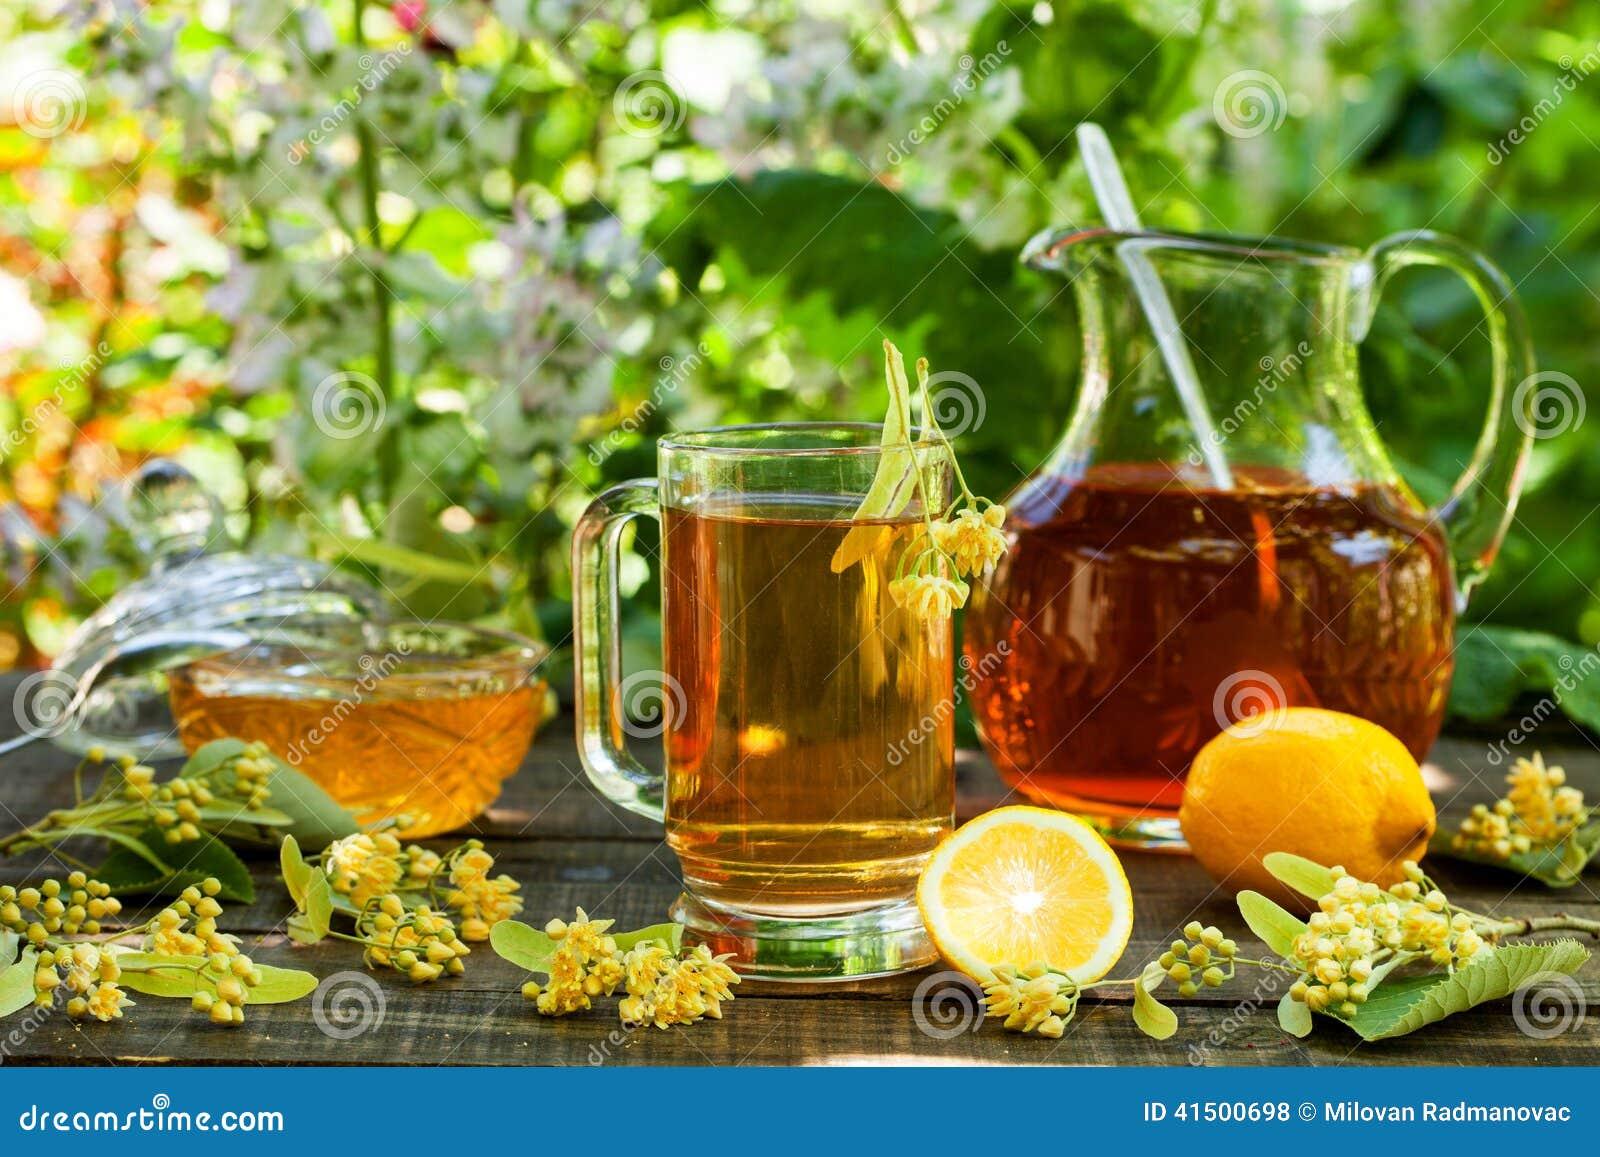 зелёный чай с лимоном для похудения отзывы